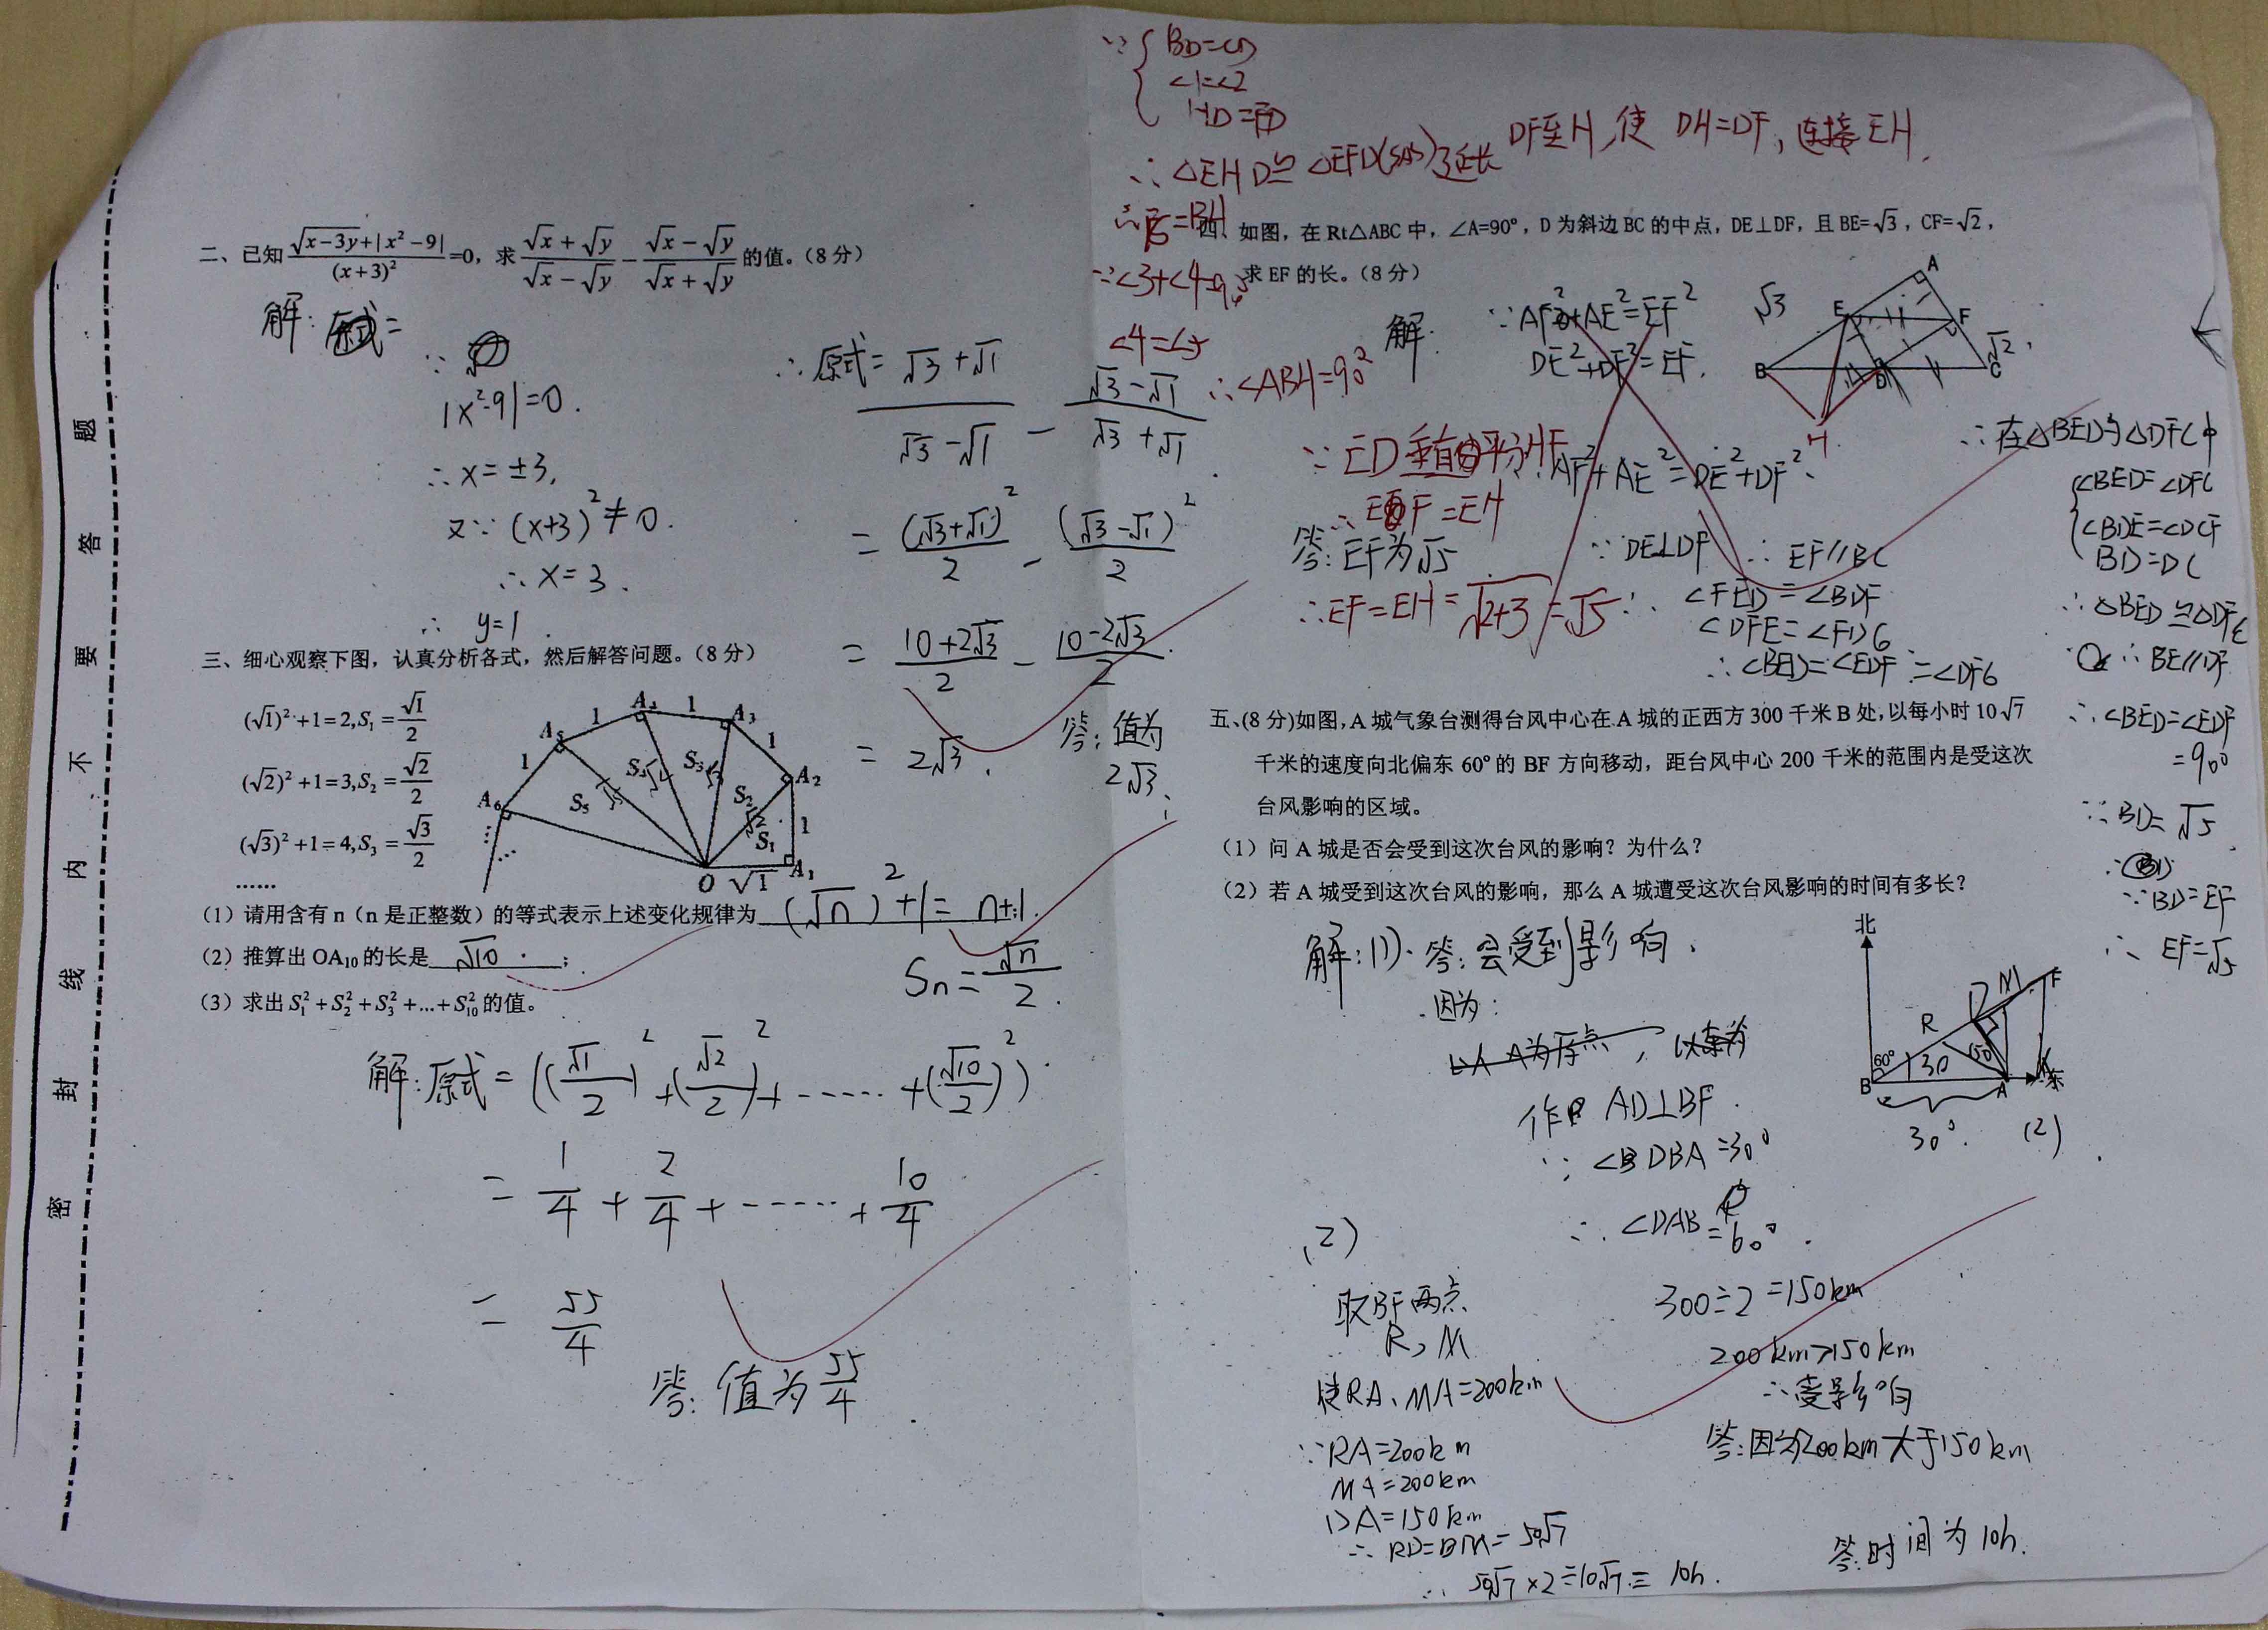 初二数学(下学期)第一次月考试卷